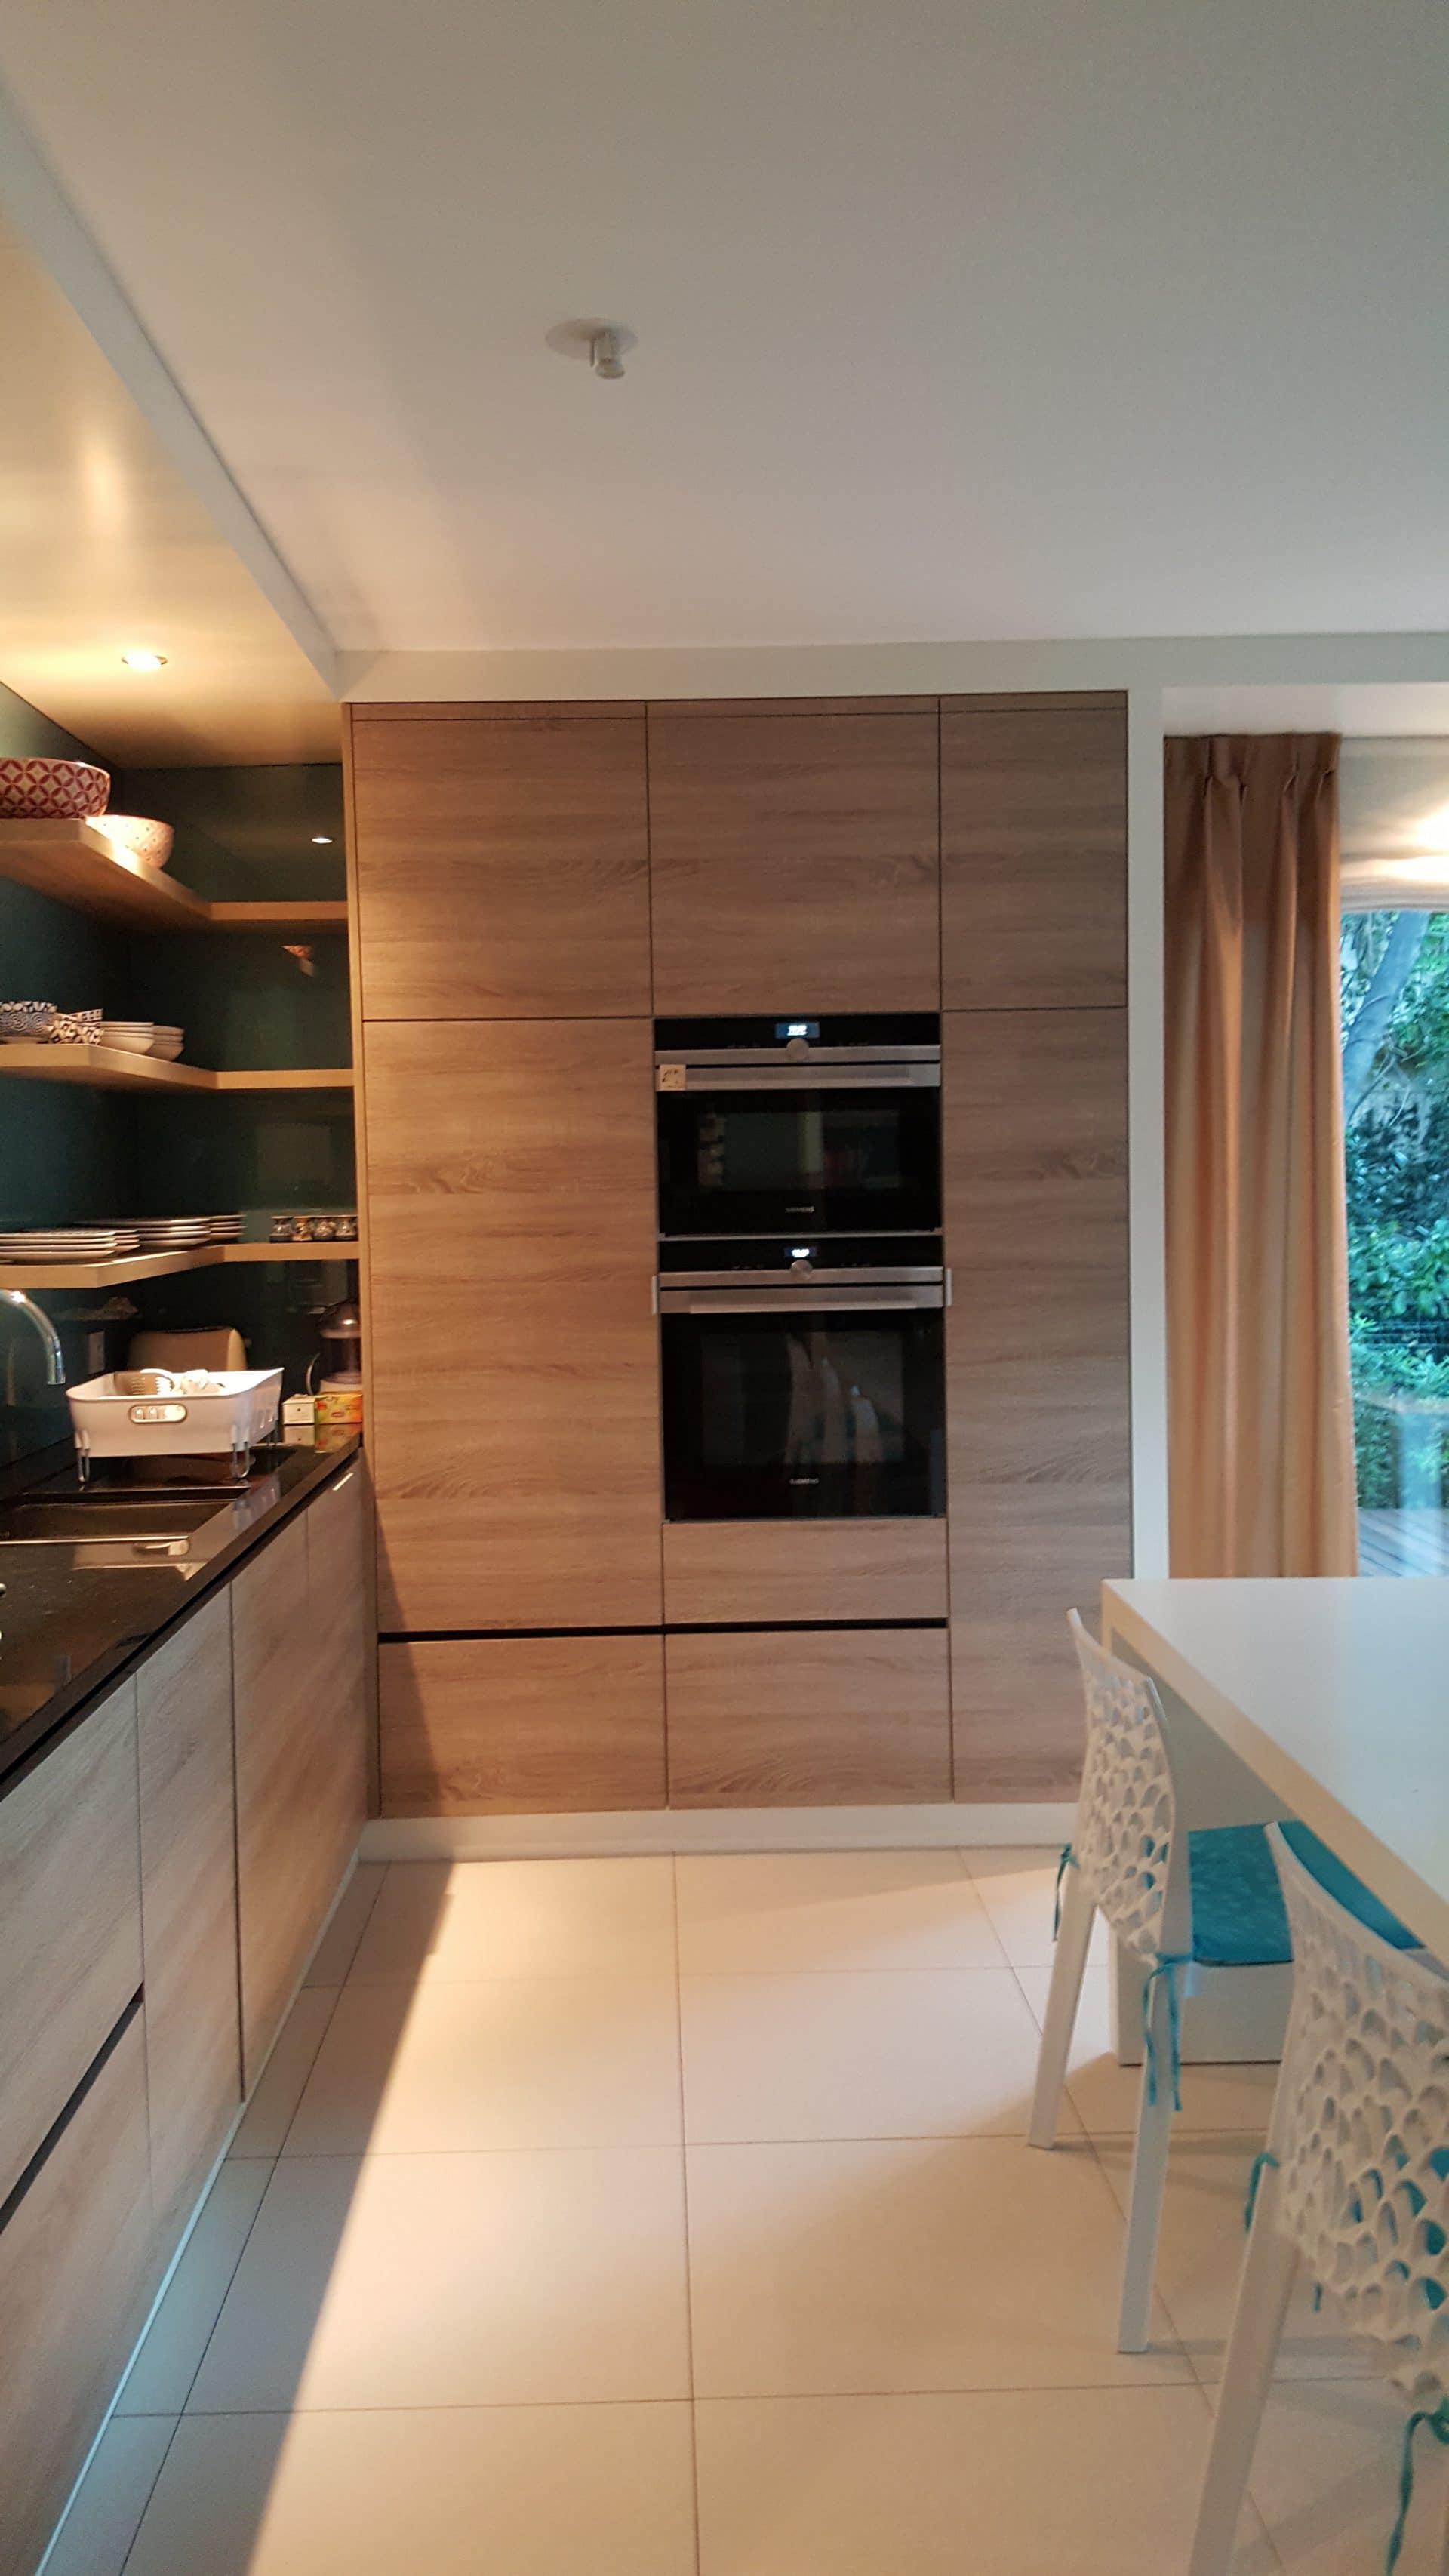 maatwerk keuken in Zuid Frankrijk